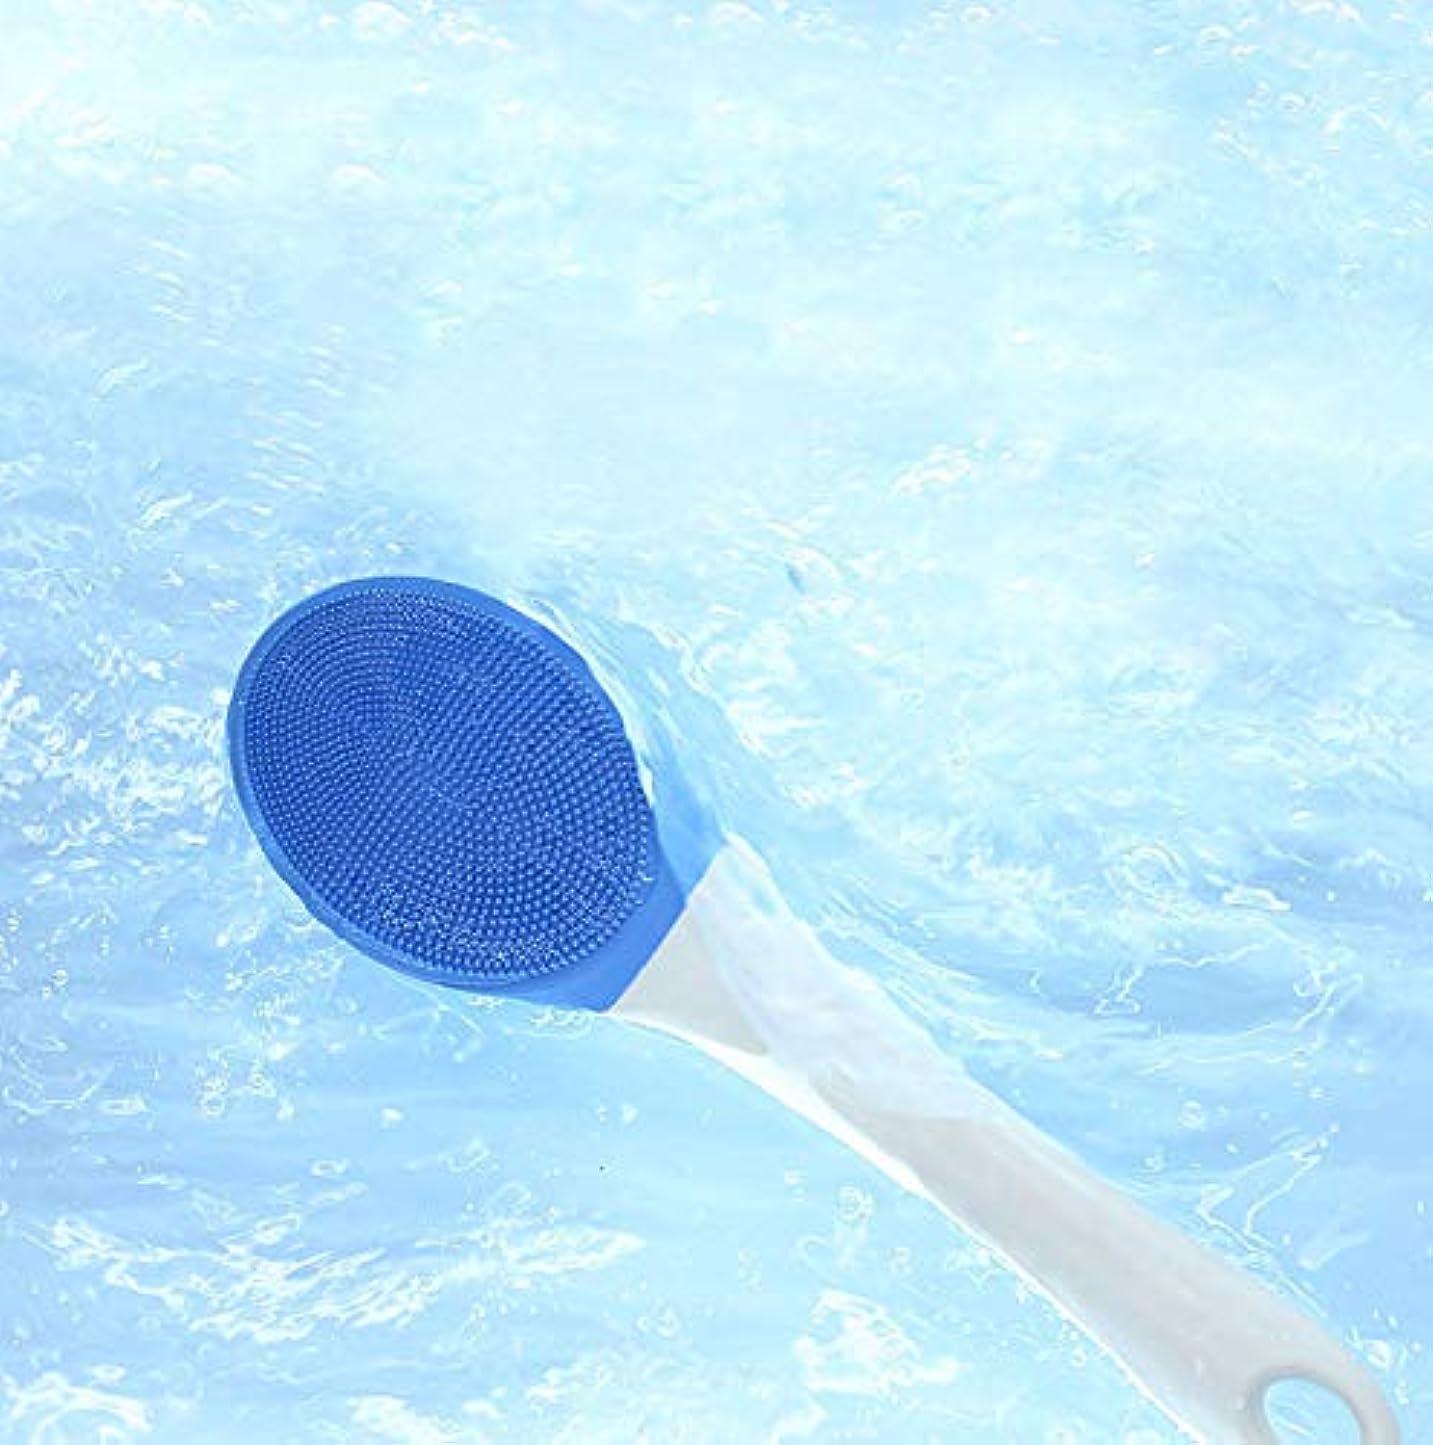 保守的最高暫定電気バスブラシ、防水ボディ、洗顔ブラシロングハンドルソニック電動スクラバーディープクリーニング用3スピード調整可能なパルス振動,Blue